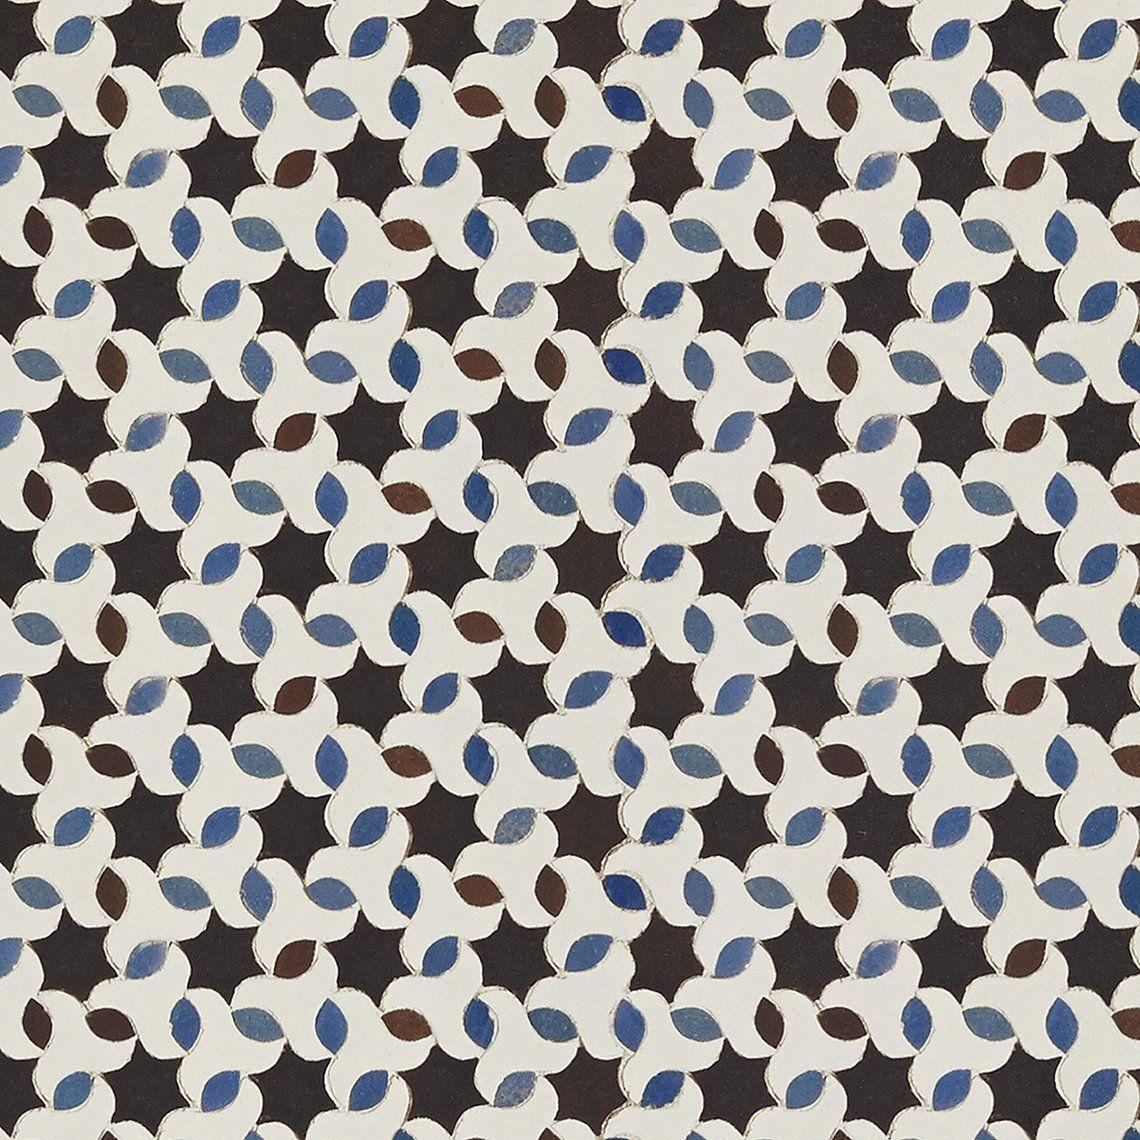 Papier peint TARIFA Intissé imitation carreaux de ciment, Bleu ...